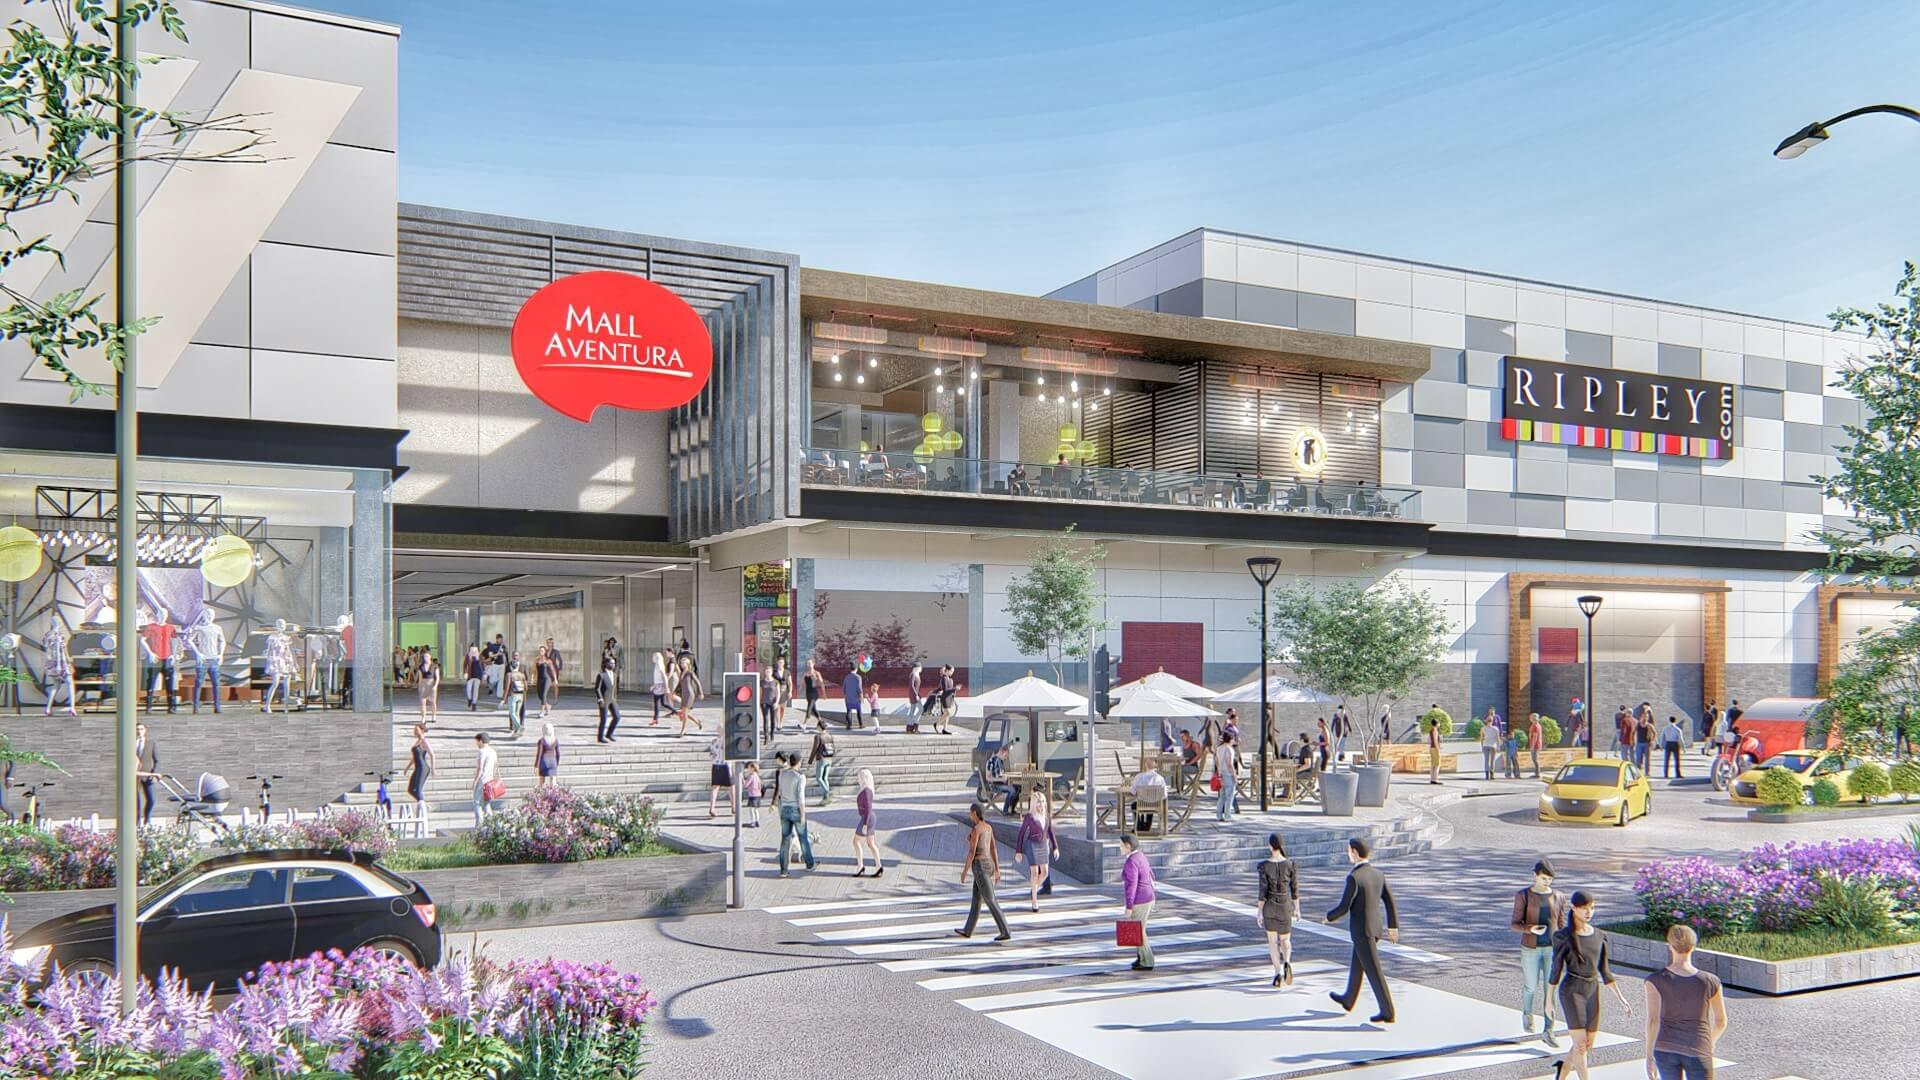 Mall Aventura Chiclayo abre sus puertas desde el 15 de abril